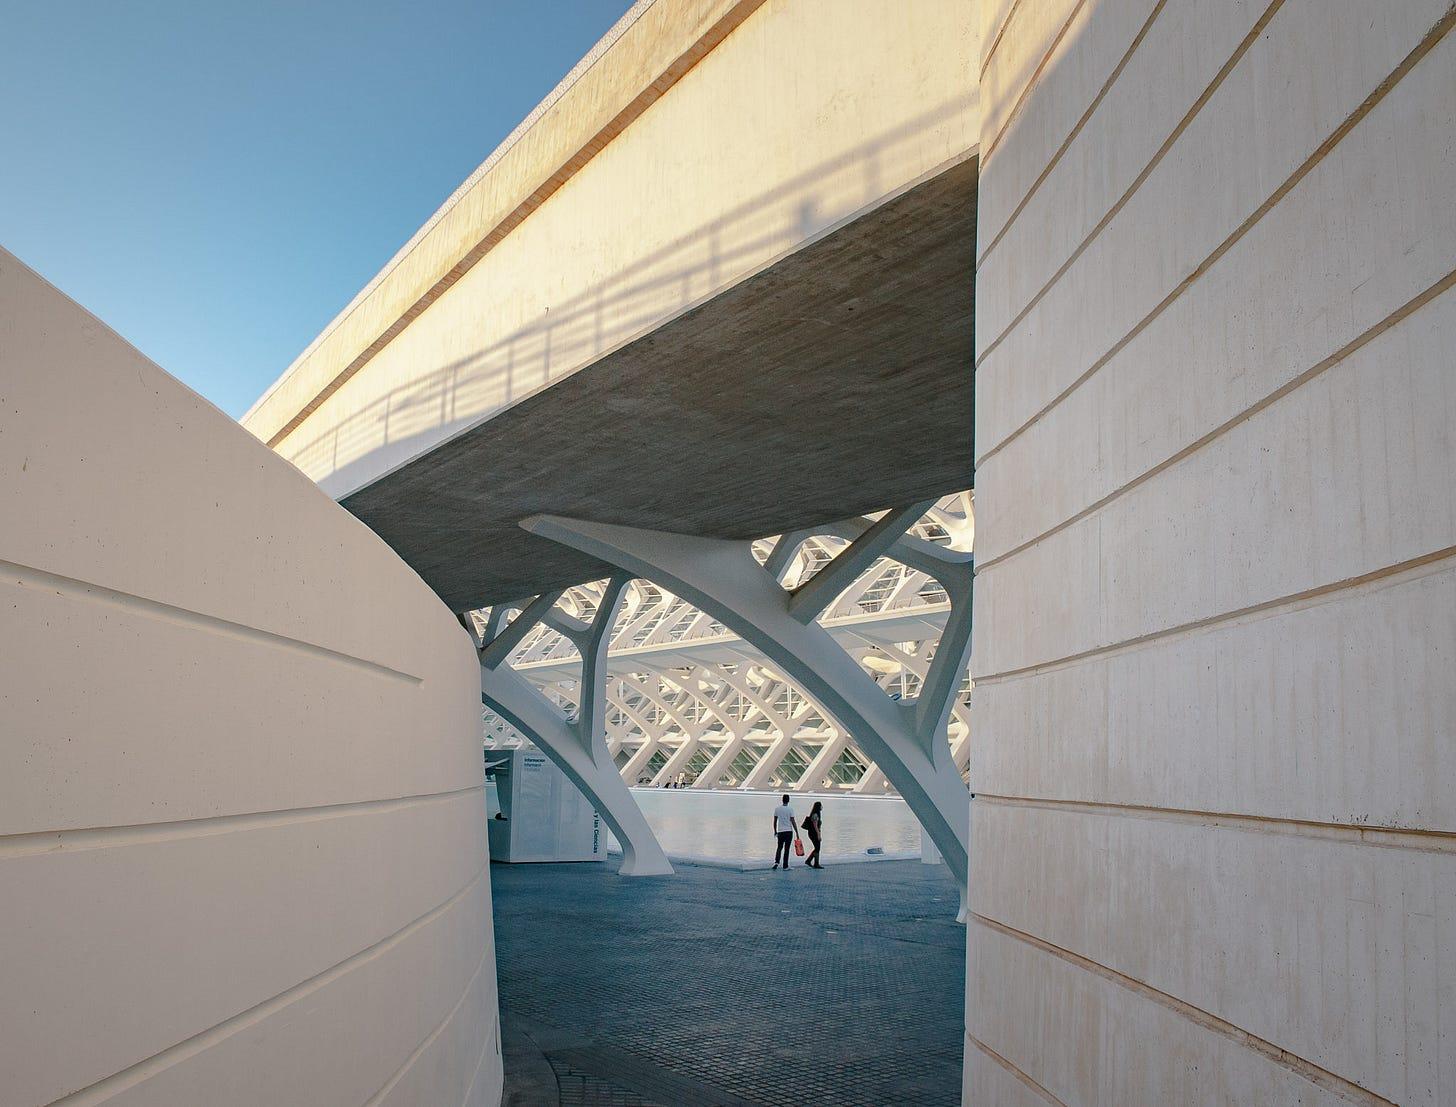 Ciudad de las Artes y las Ciencias - Valencia-DSC_2483-pete-carr-pete-carr.jpg